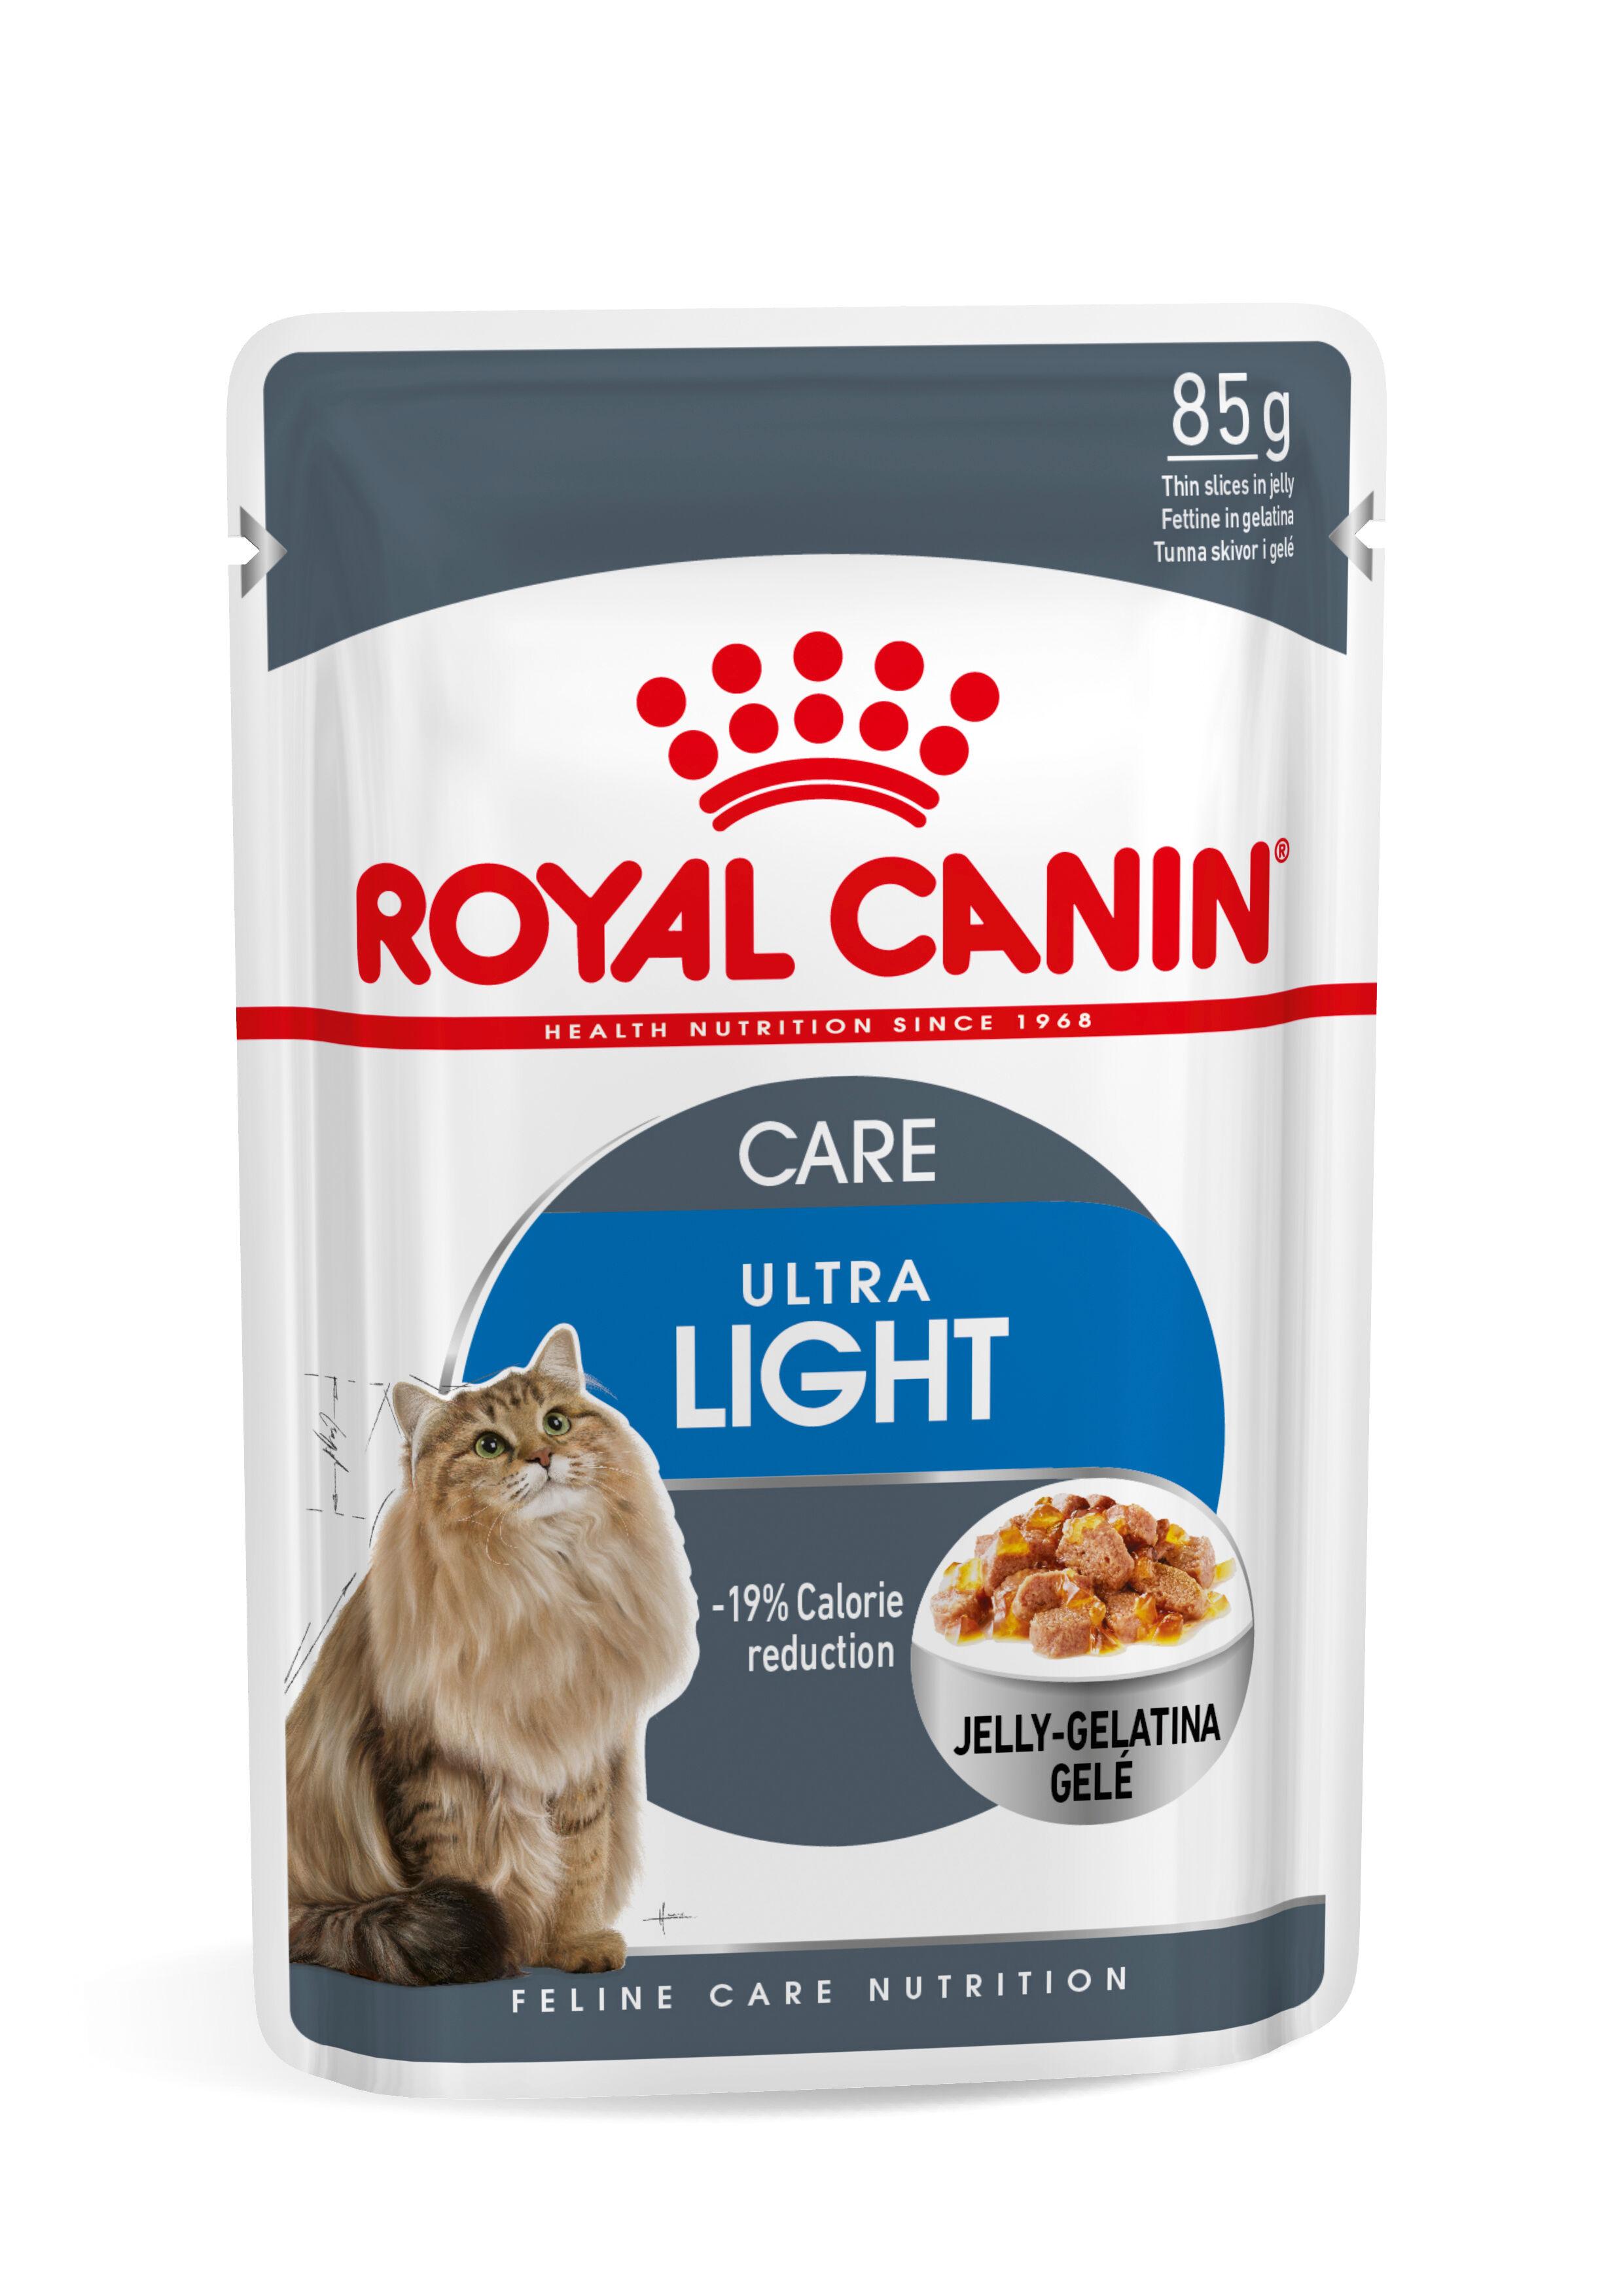 Royal Canin Ultra Light pour chat x12 4 x En Gelée